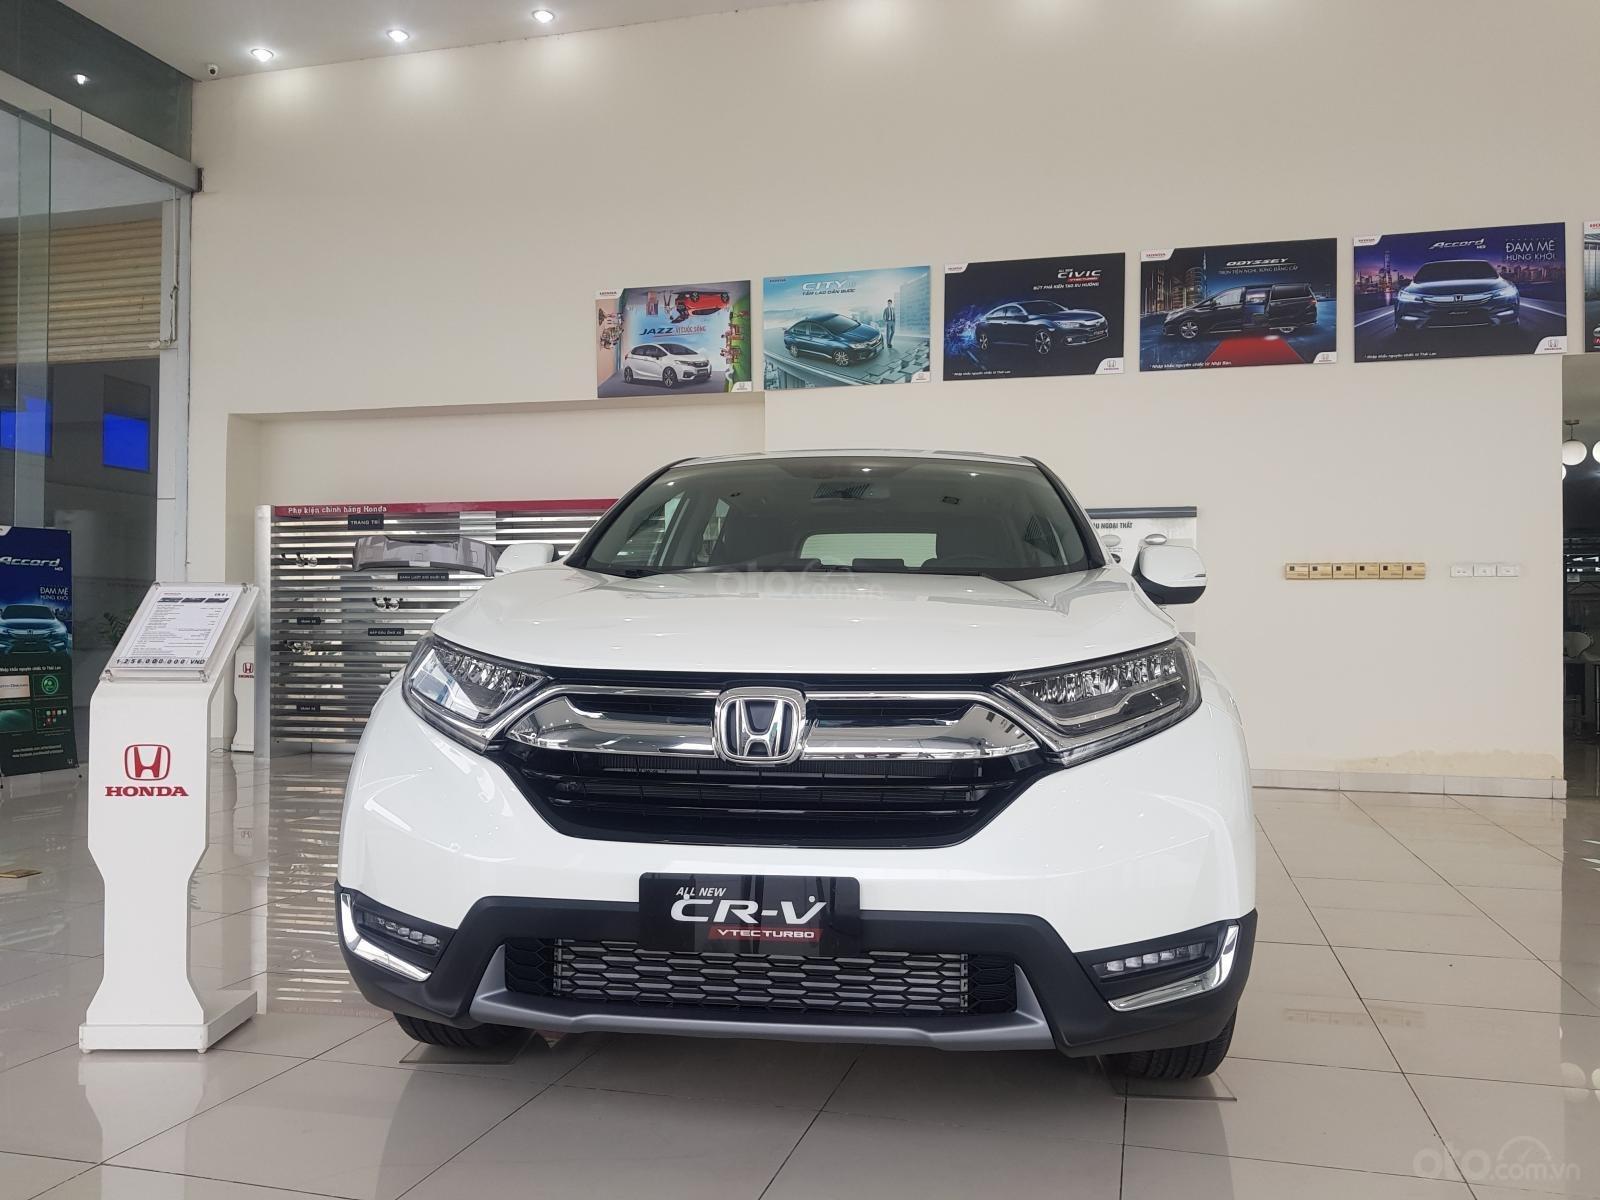 Bán Honda CRV 2019 nhập khẩu, 7 chỗ, giao ngay đủ màu, khuyến mại phụ kiện - LH: 0833578866-0